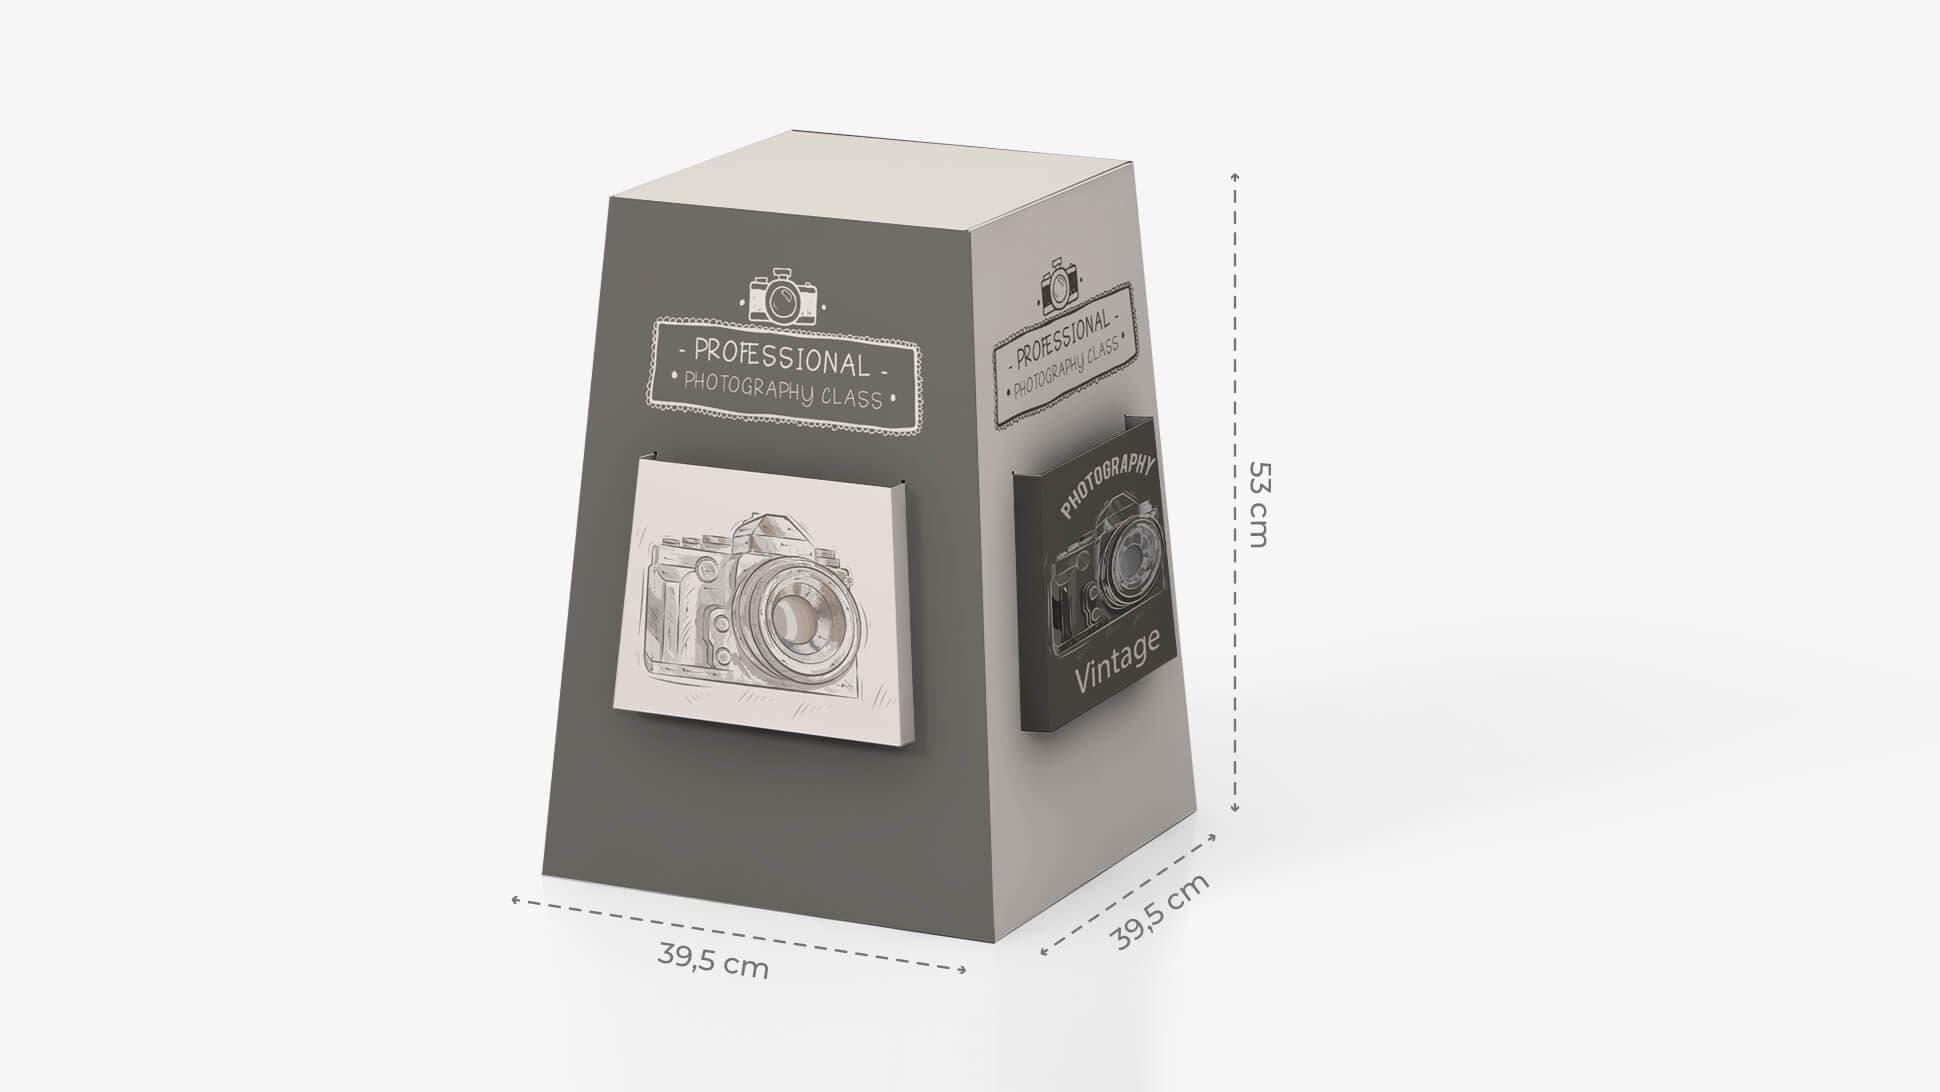 Espositore portavolantini da banco con grafica vintage | tictac.it